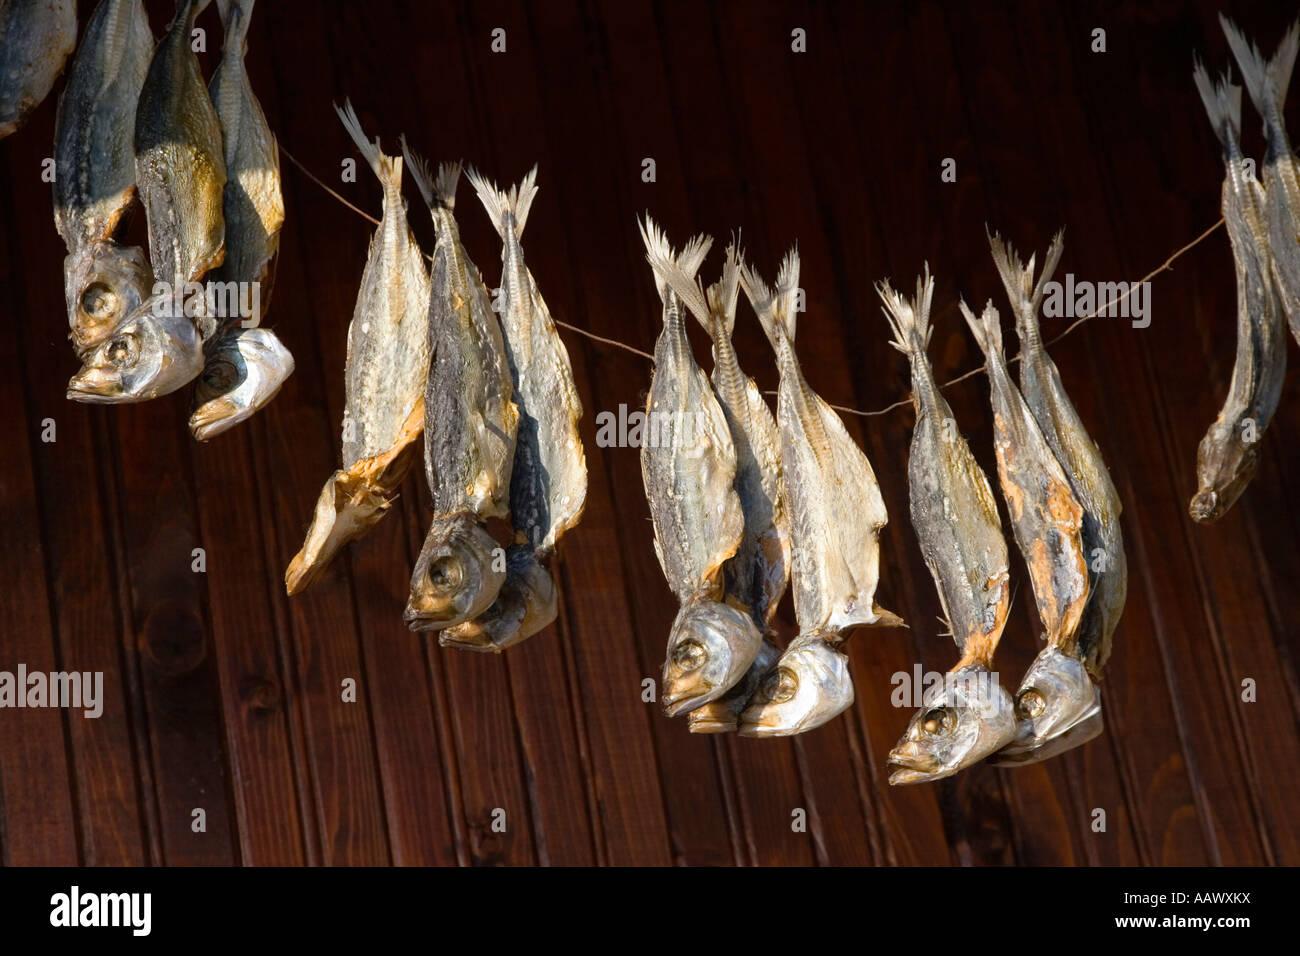 Dry fish, Town museum Nesebar, Black Sea, Bulgaria - Stock Image